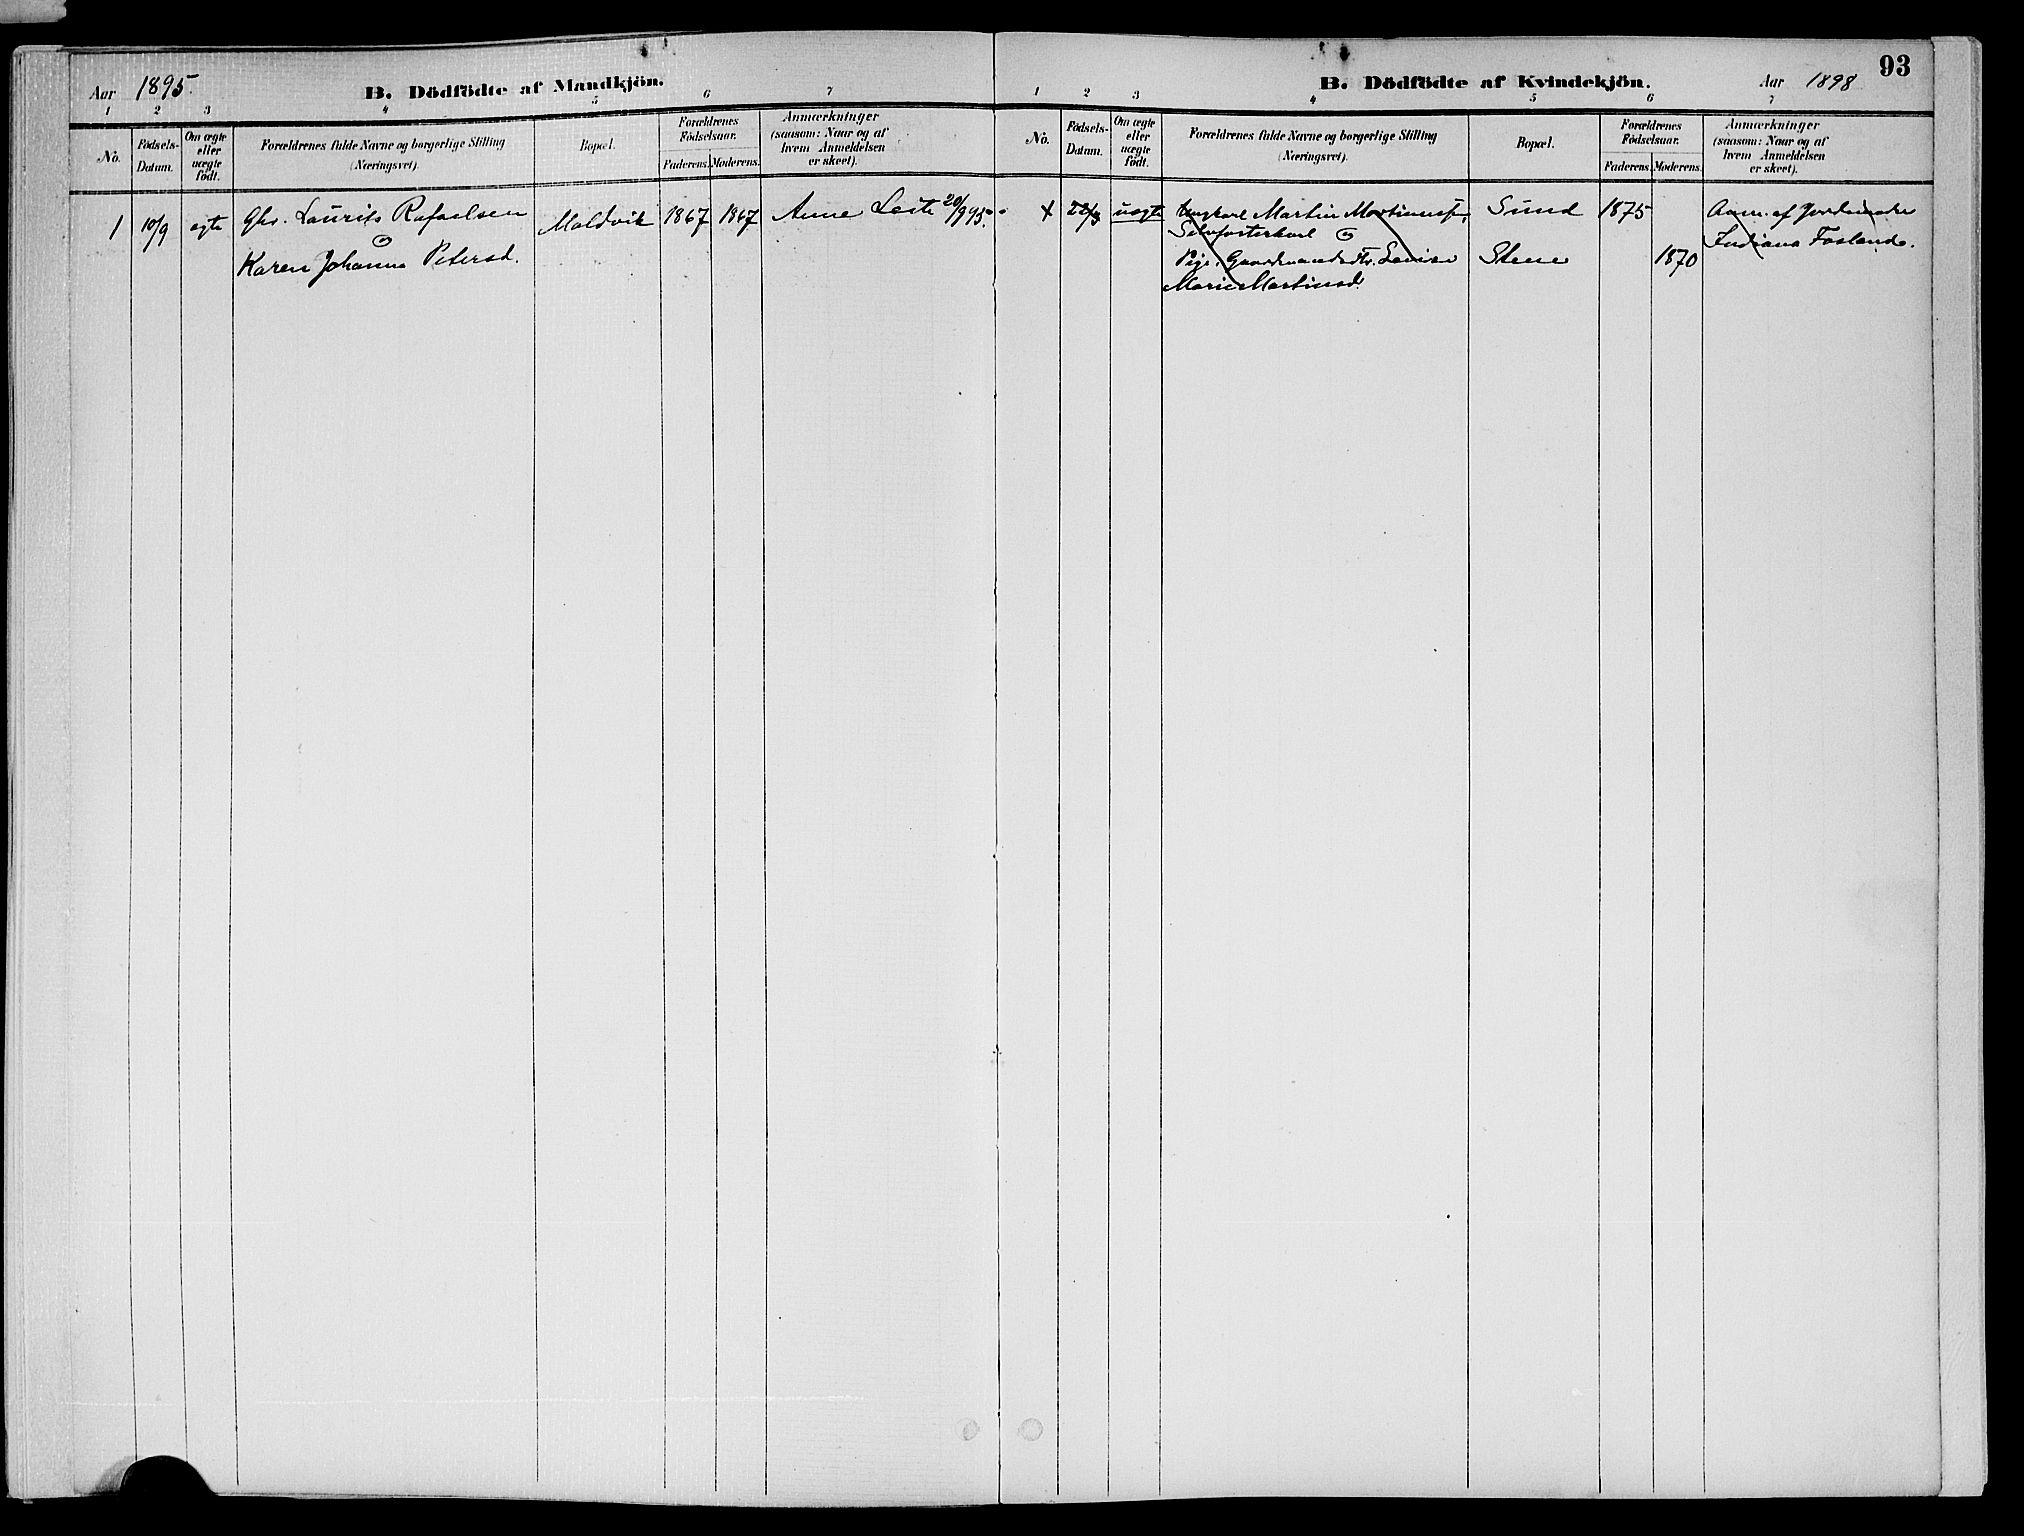 SAT, Ministerialprotokoller, klokkerbøker og fødselsregistre - Nord-Trøndelag, 773/L0617: Ministerialbok nr. 773A08, 1887-1910, s. 93